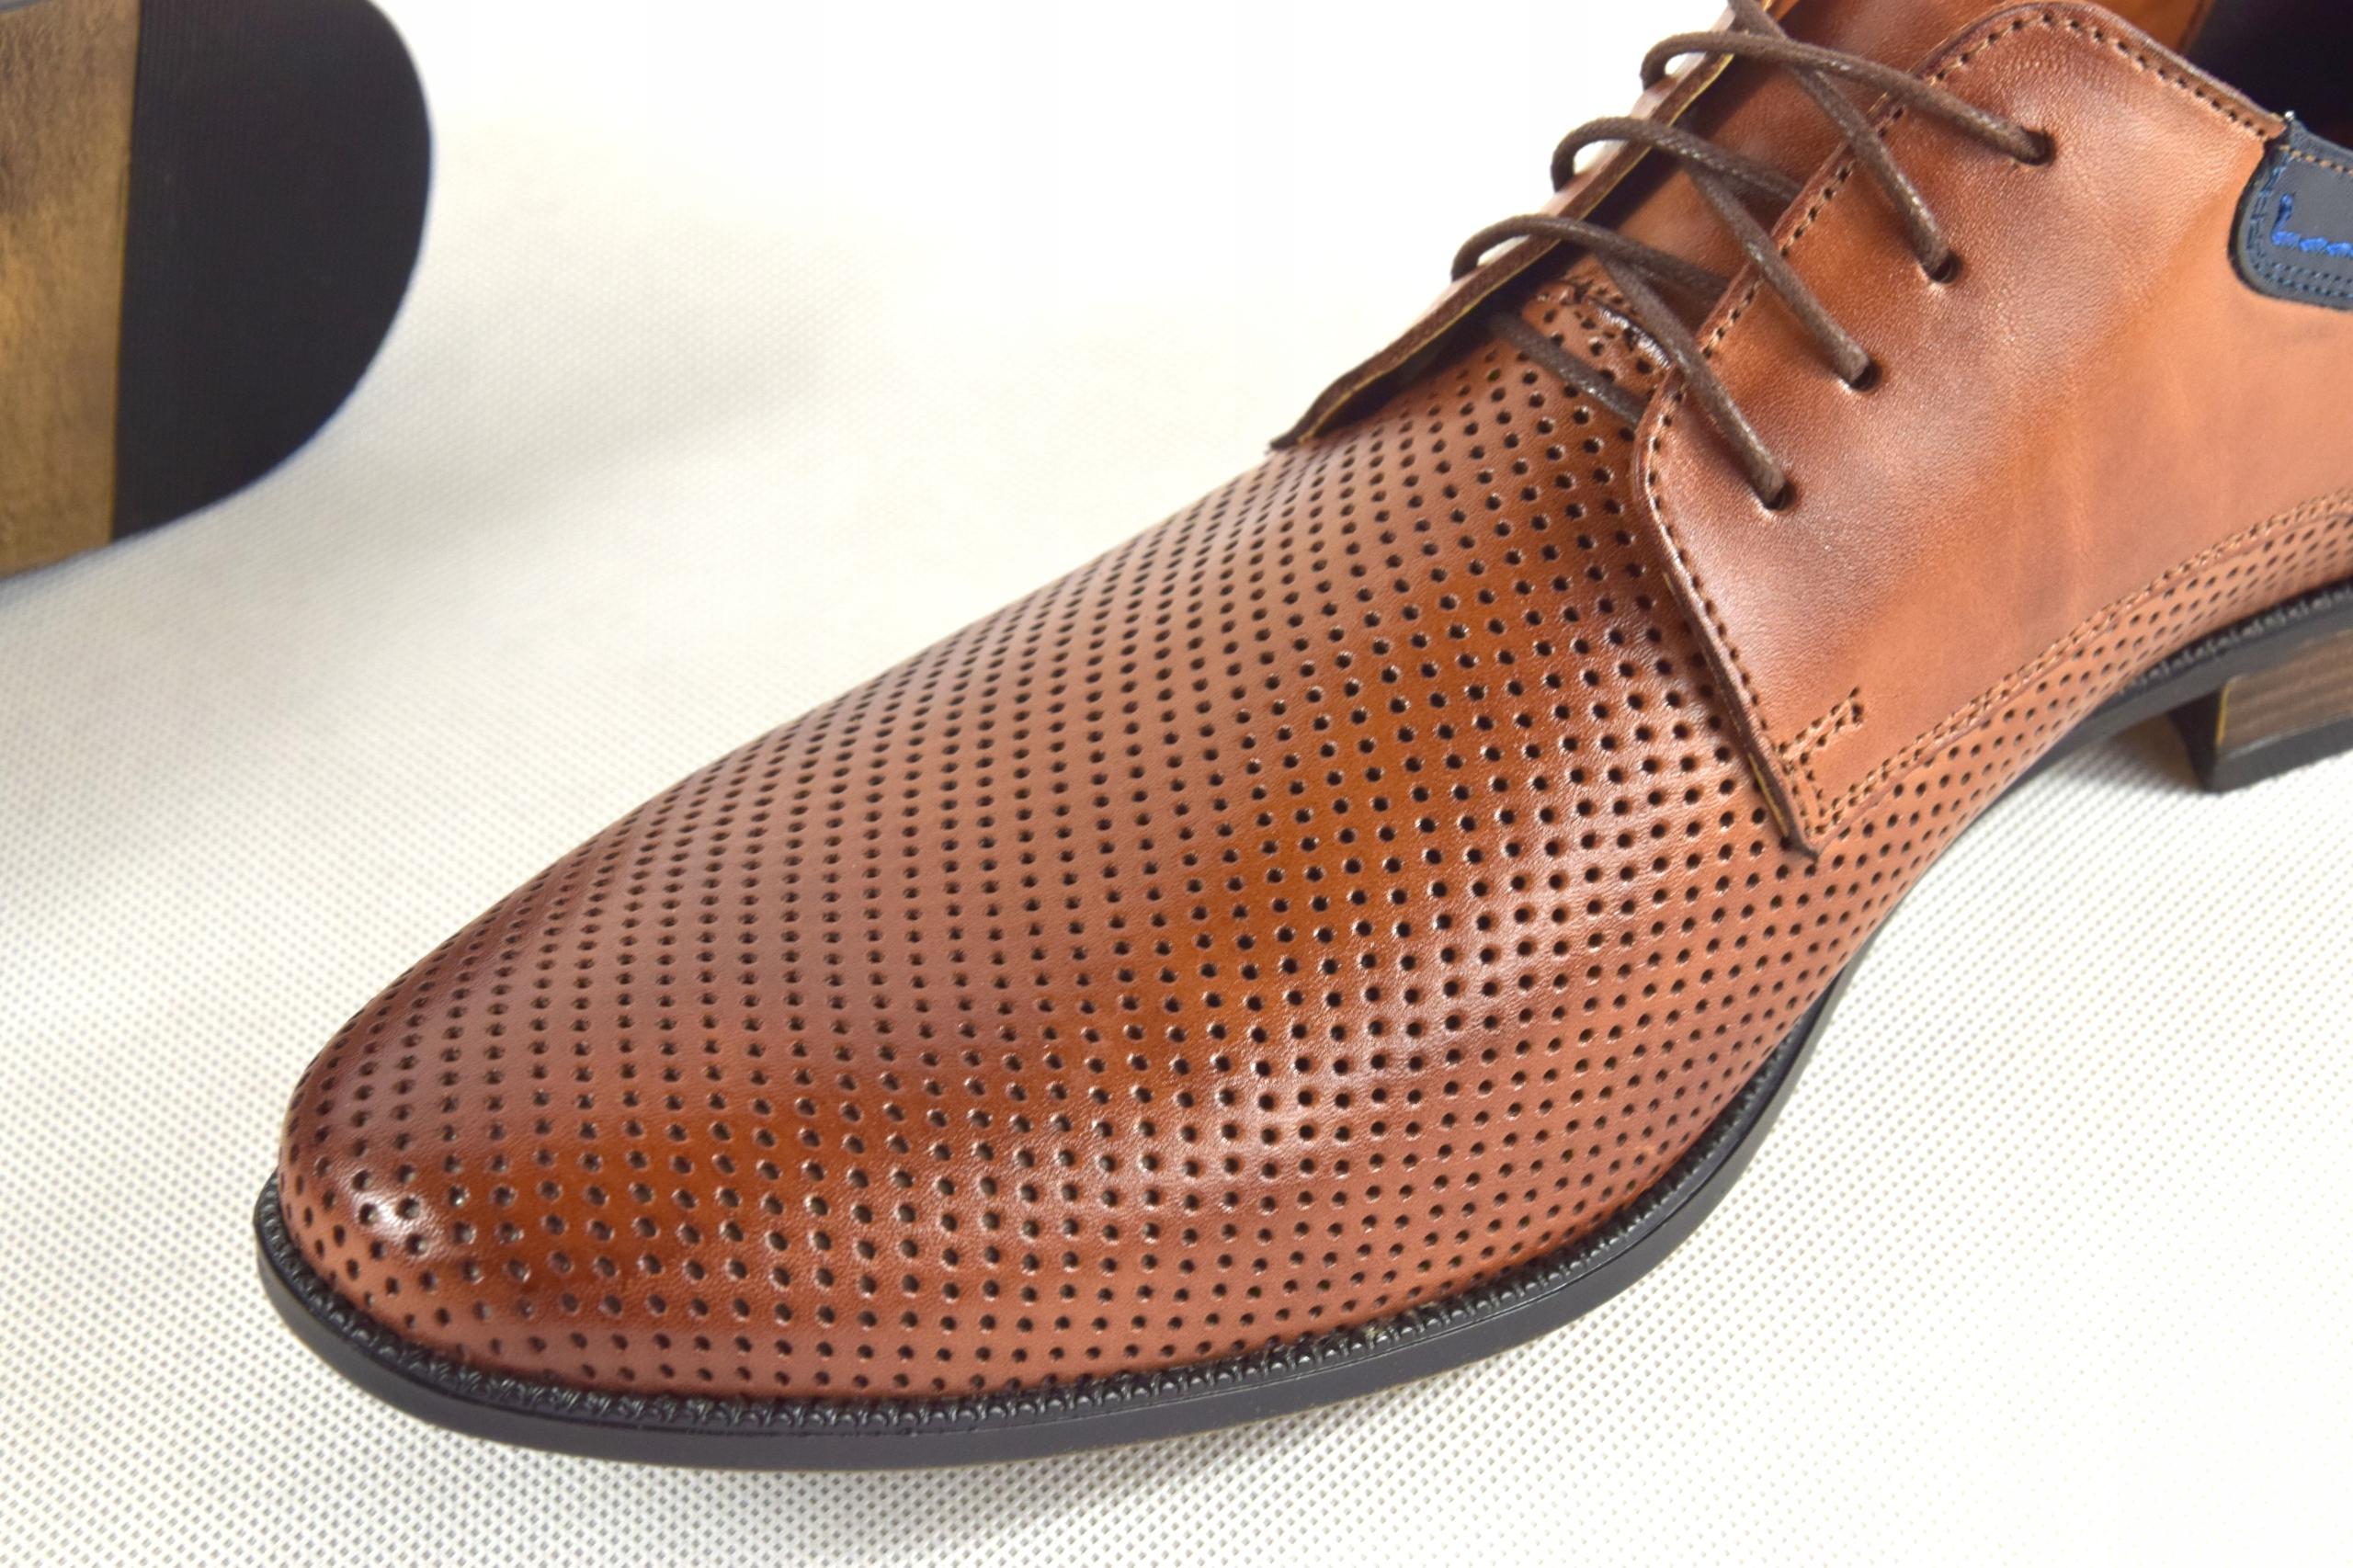 Buty męskie wizytowe skórzane brązowe obuwie 322 Materiał wkładki skóra naturalna